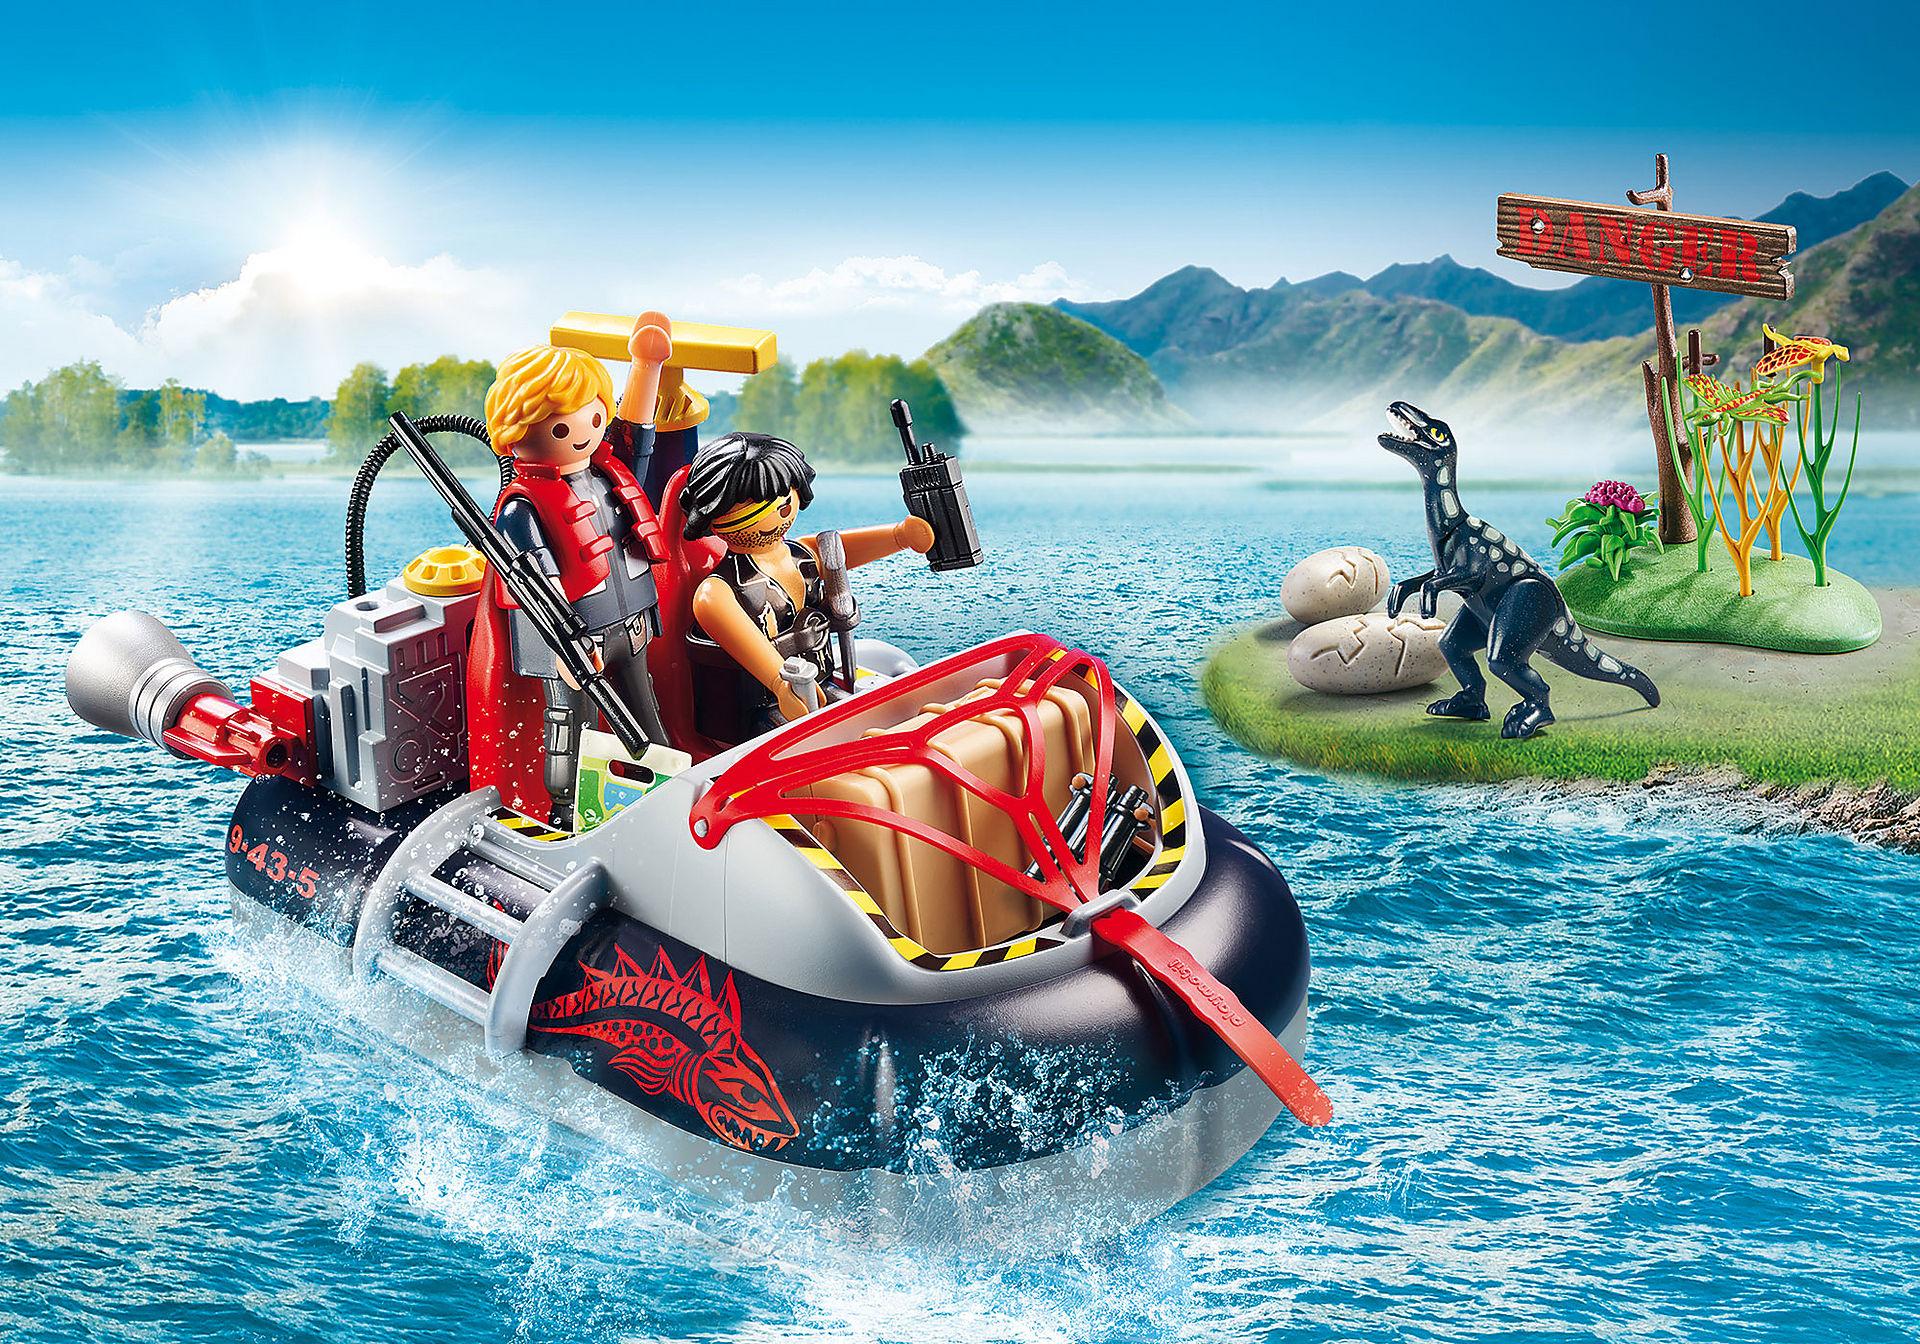 9435 Luftkissenboot mit Unterwassermotor zoom image1